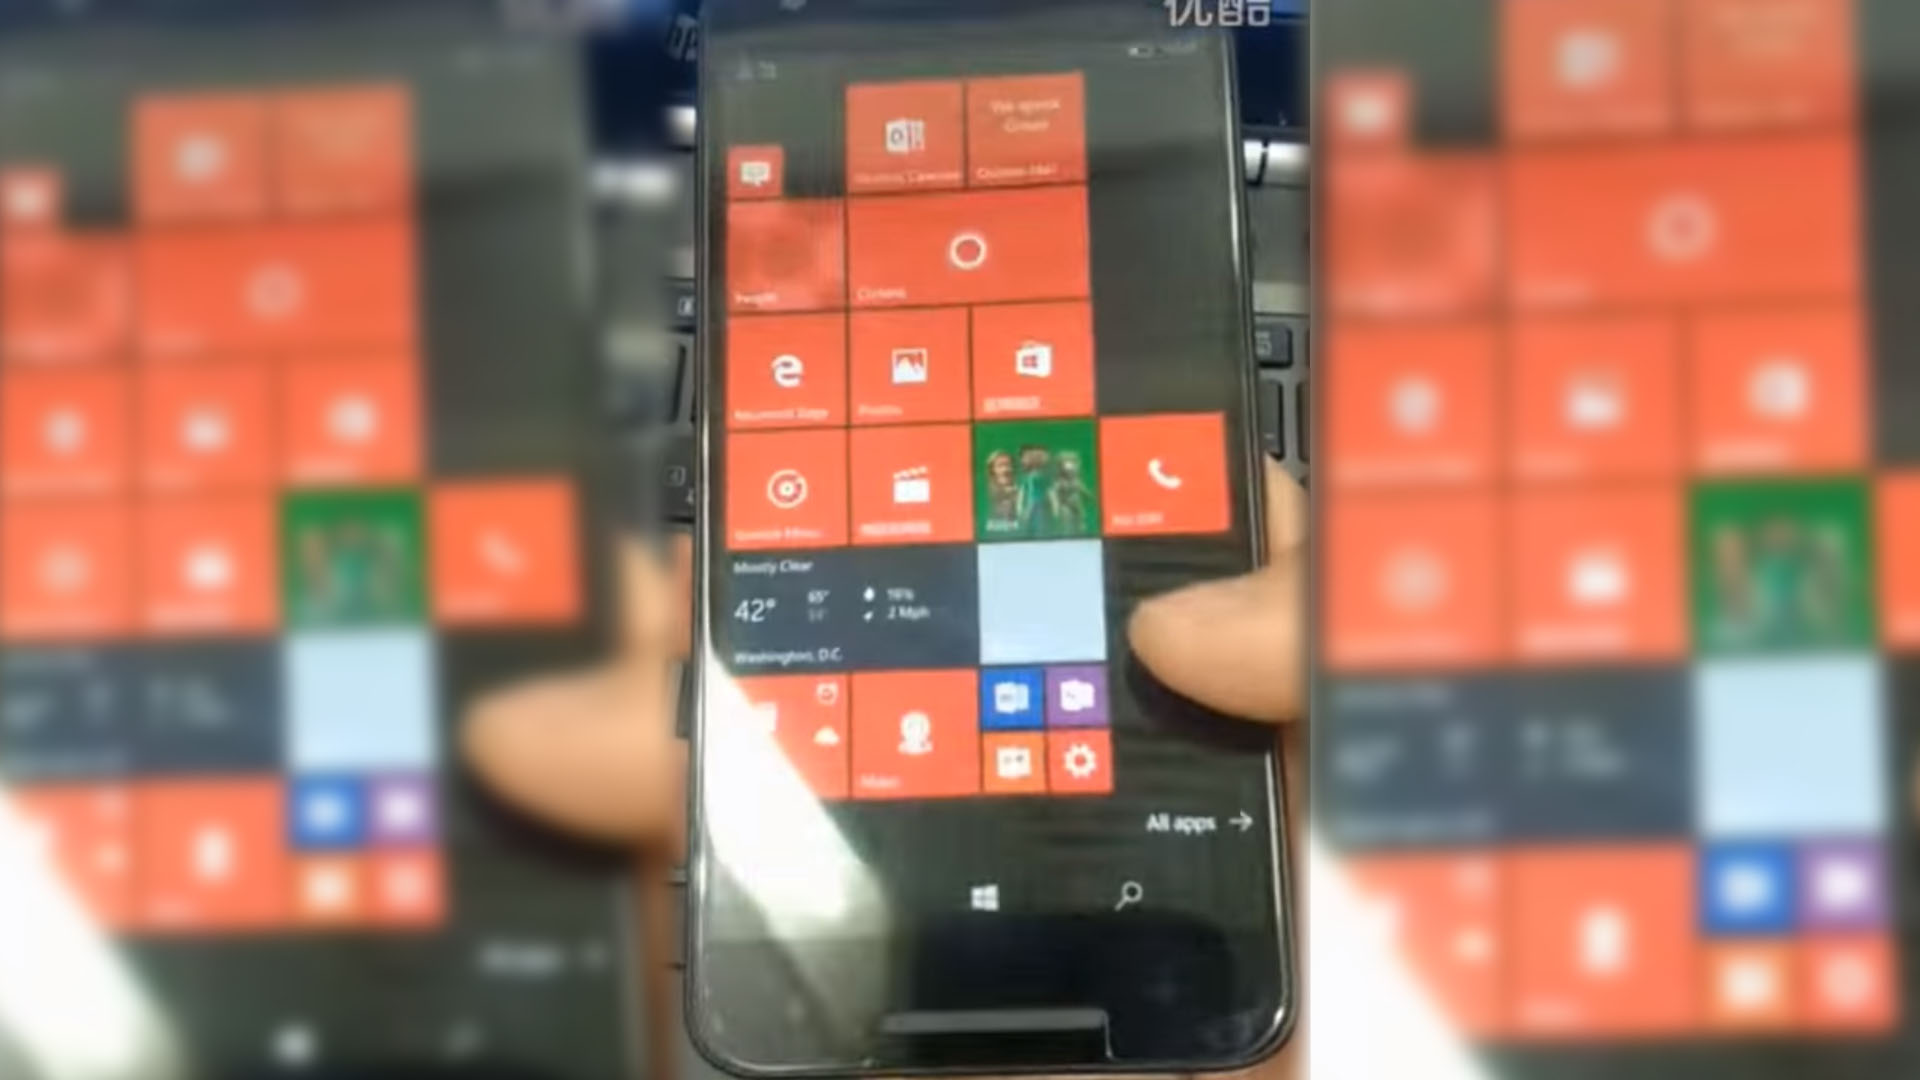 Windows 10 Mobile Nexus 5X